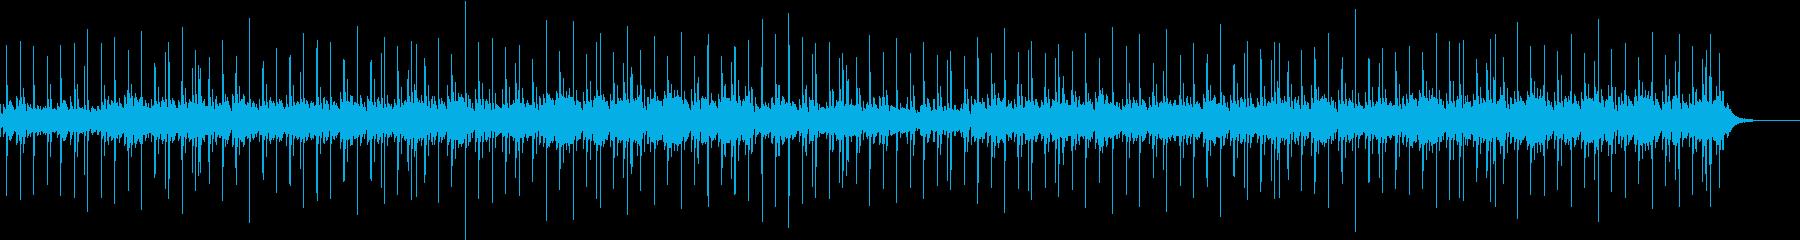 透明感のあるウクレレ生演奏ヒーリングの再生済みの波形